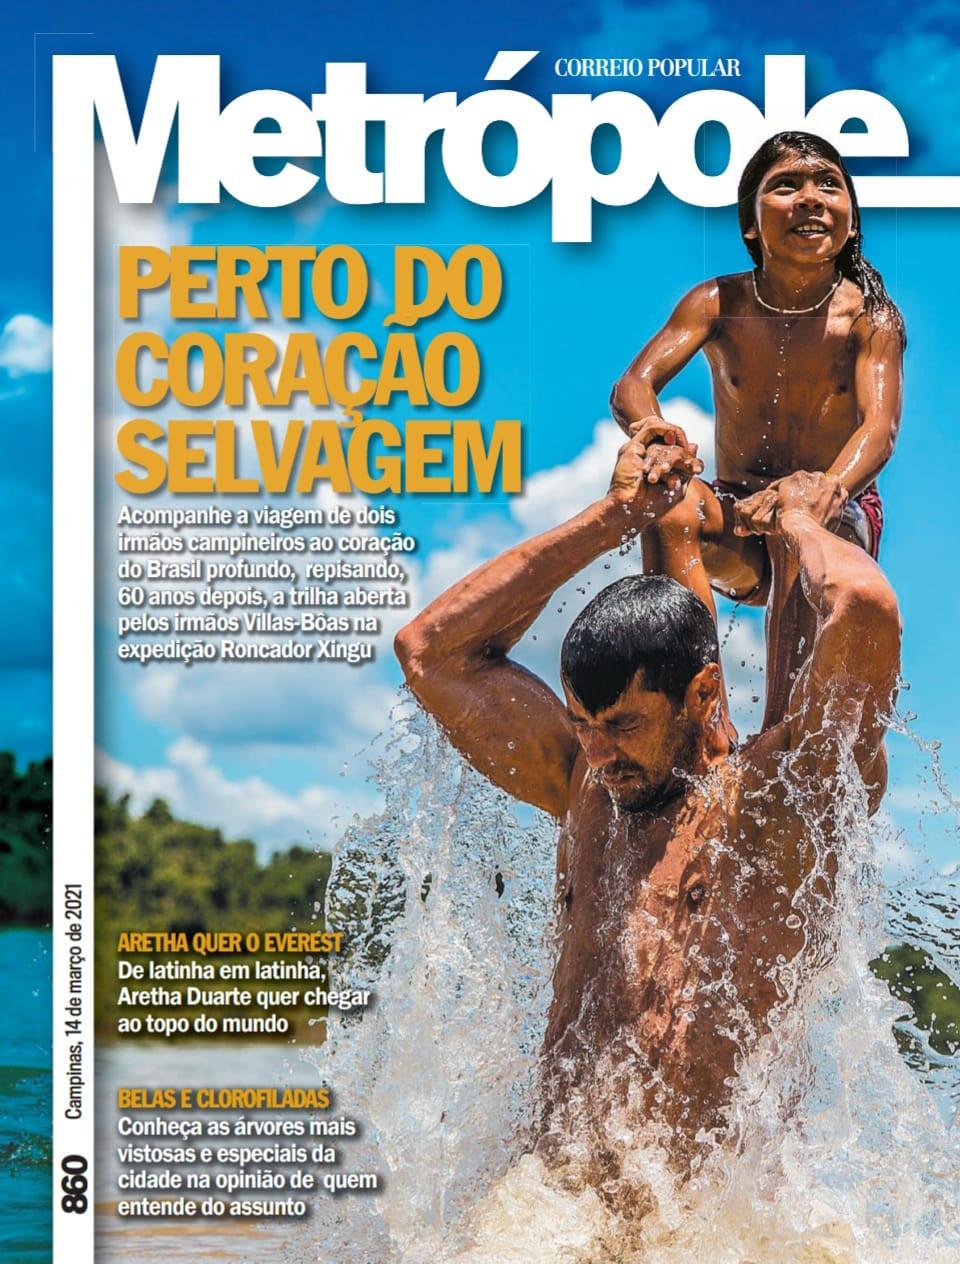 Capa da revista metrópole grupo RAC Campinas